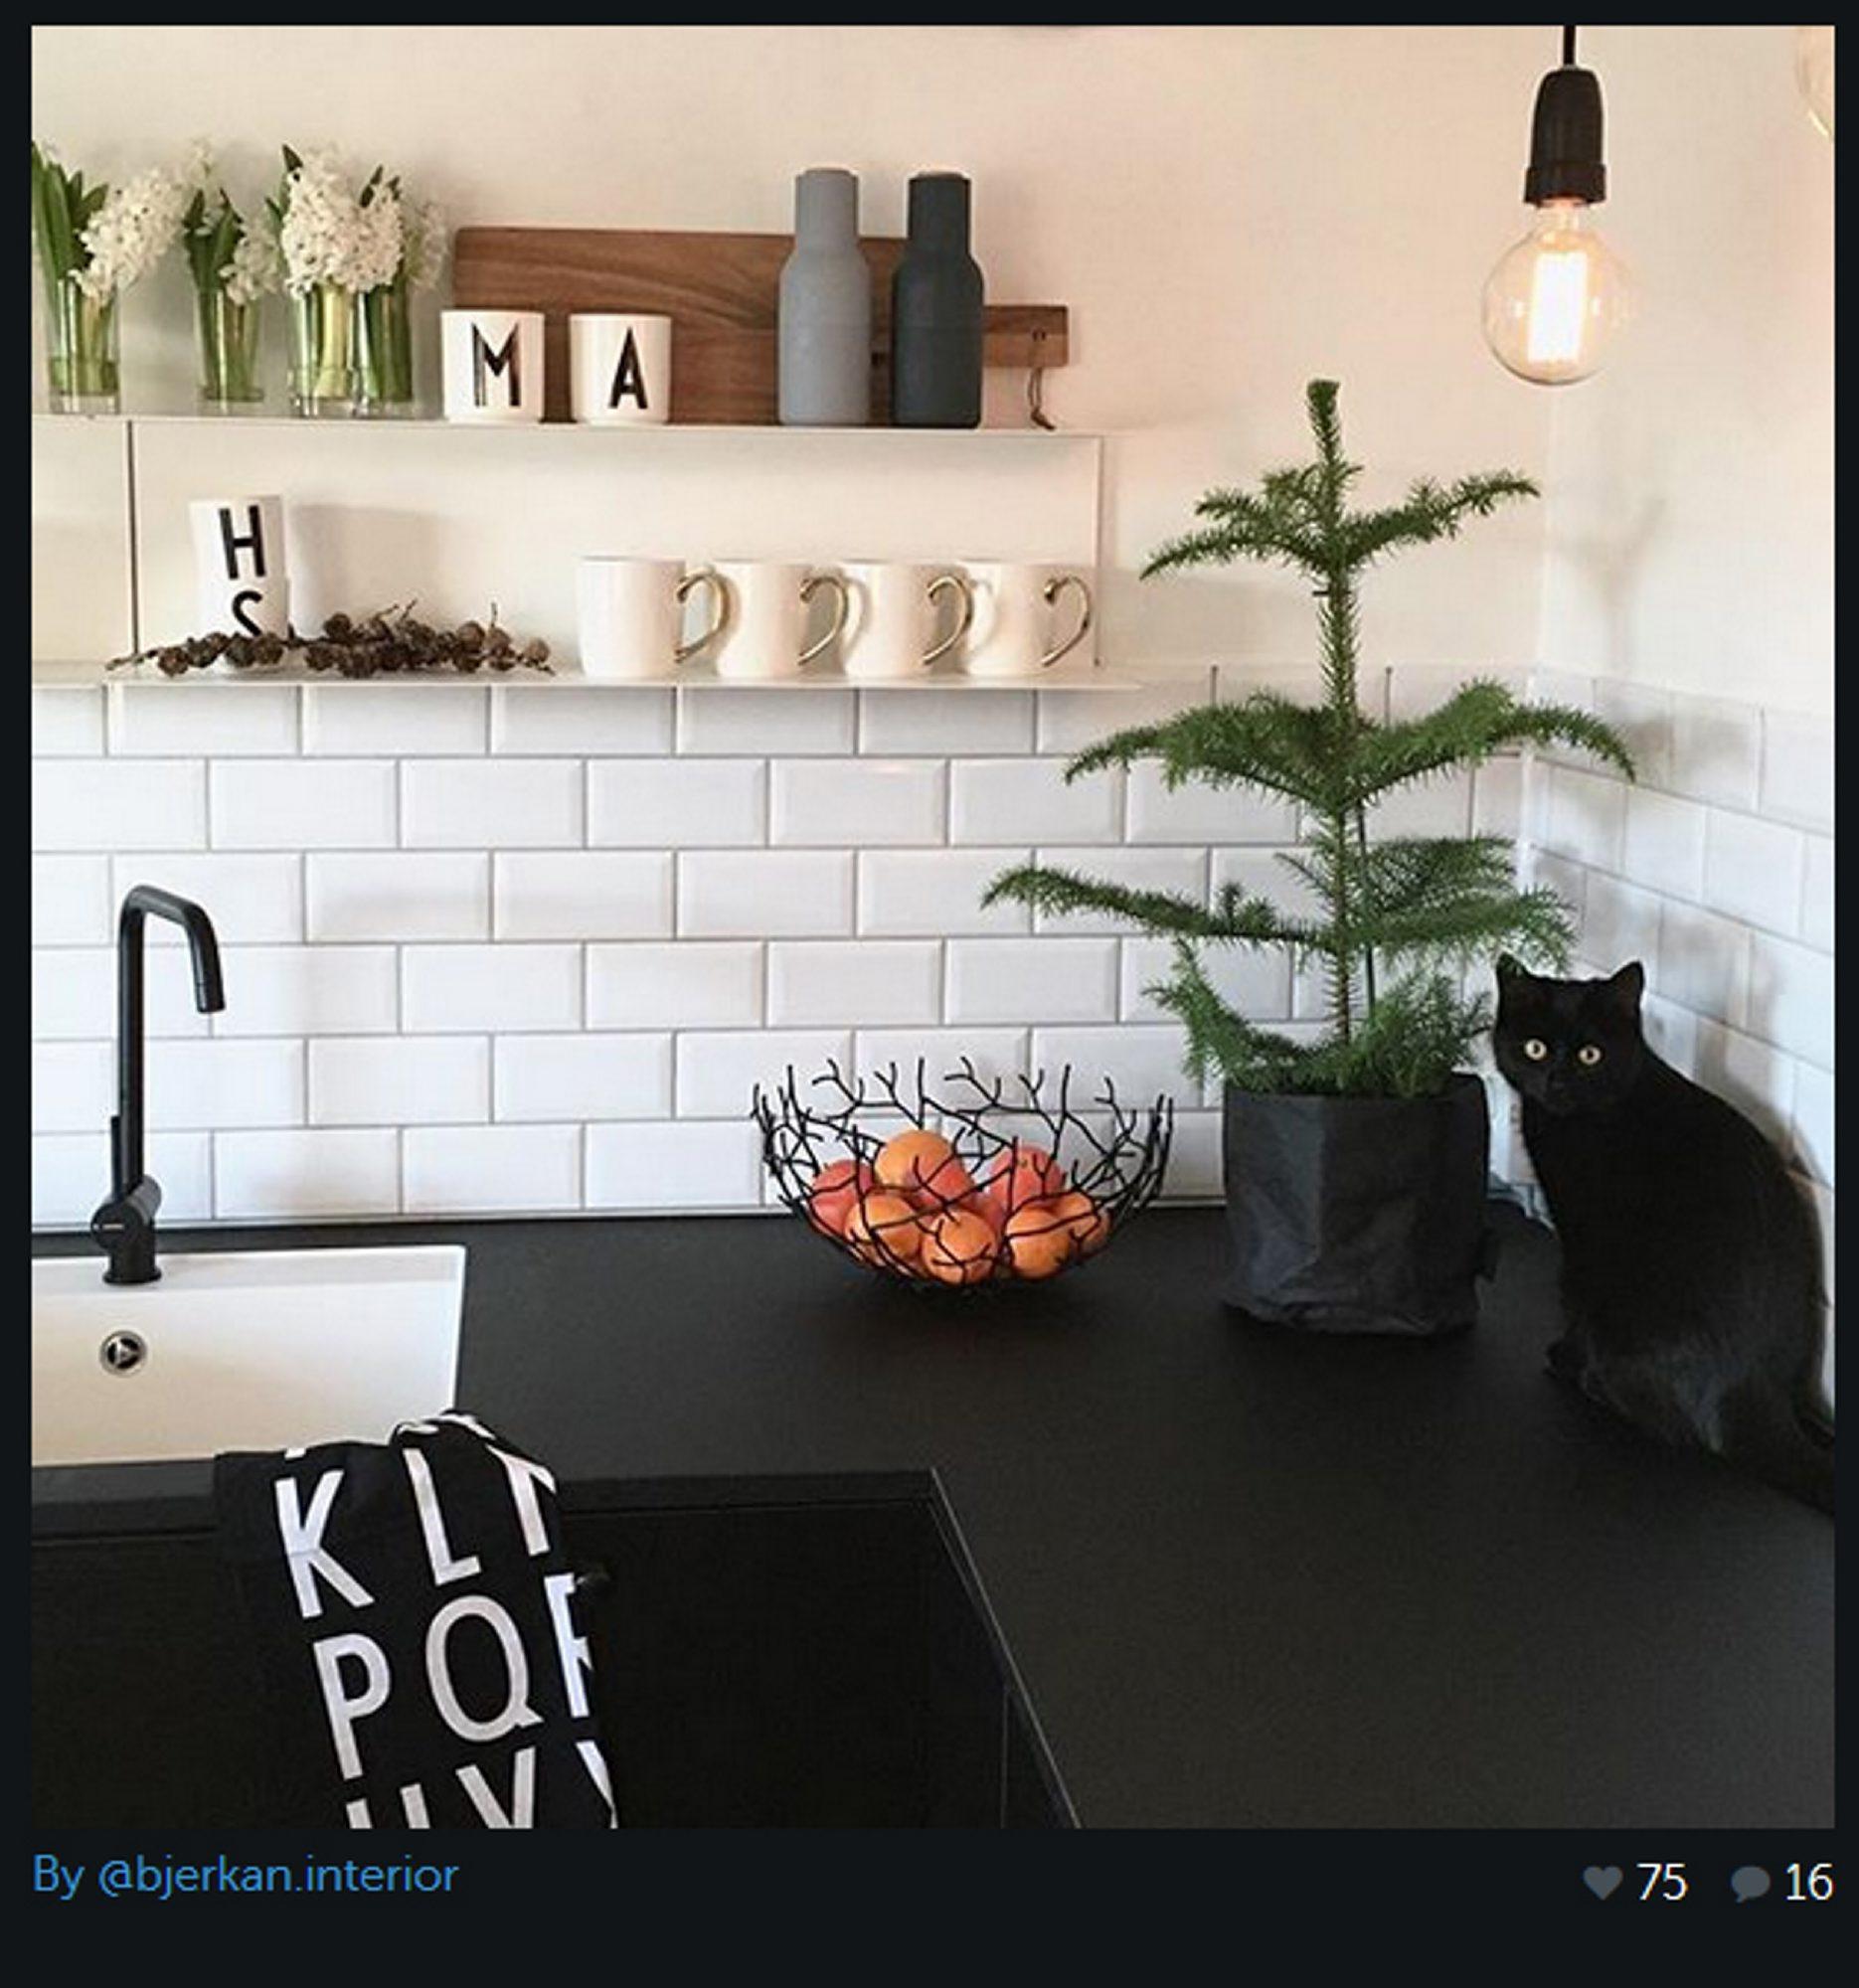 En pendel som dette er bare så stilig. Du kan finne mange forskjellige typer lyspærer og støpsel. Dette bildet er fra kjøkkenet til @Bjerkan-Interior på Instagram.